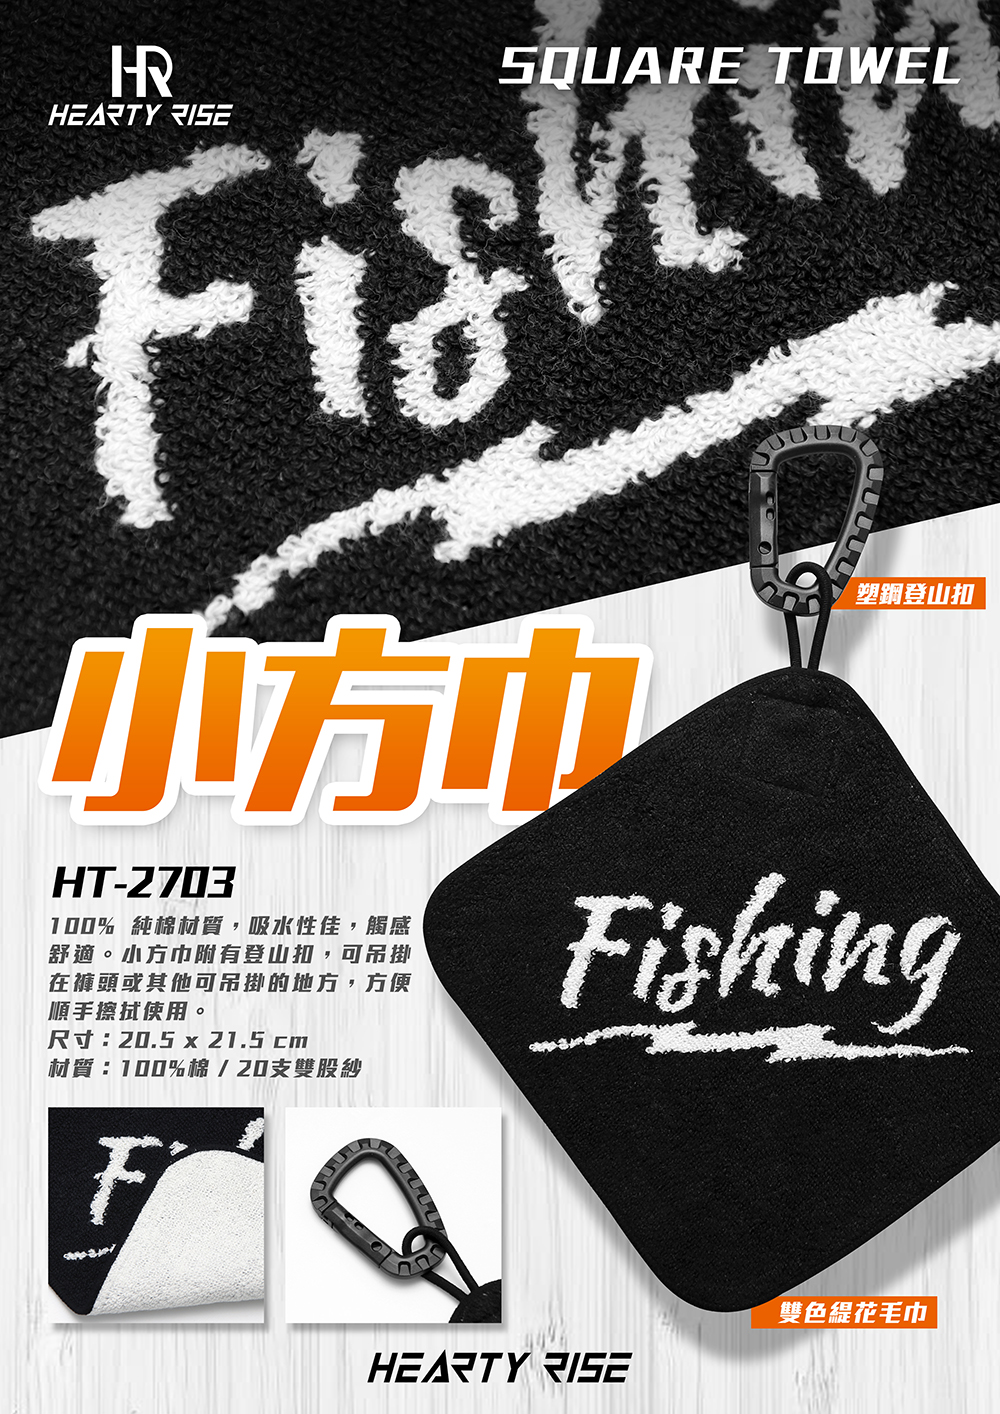 HR 小方巾 HT-2703 1000